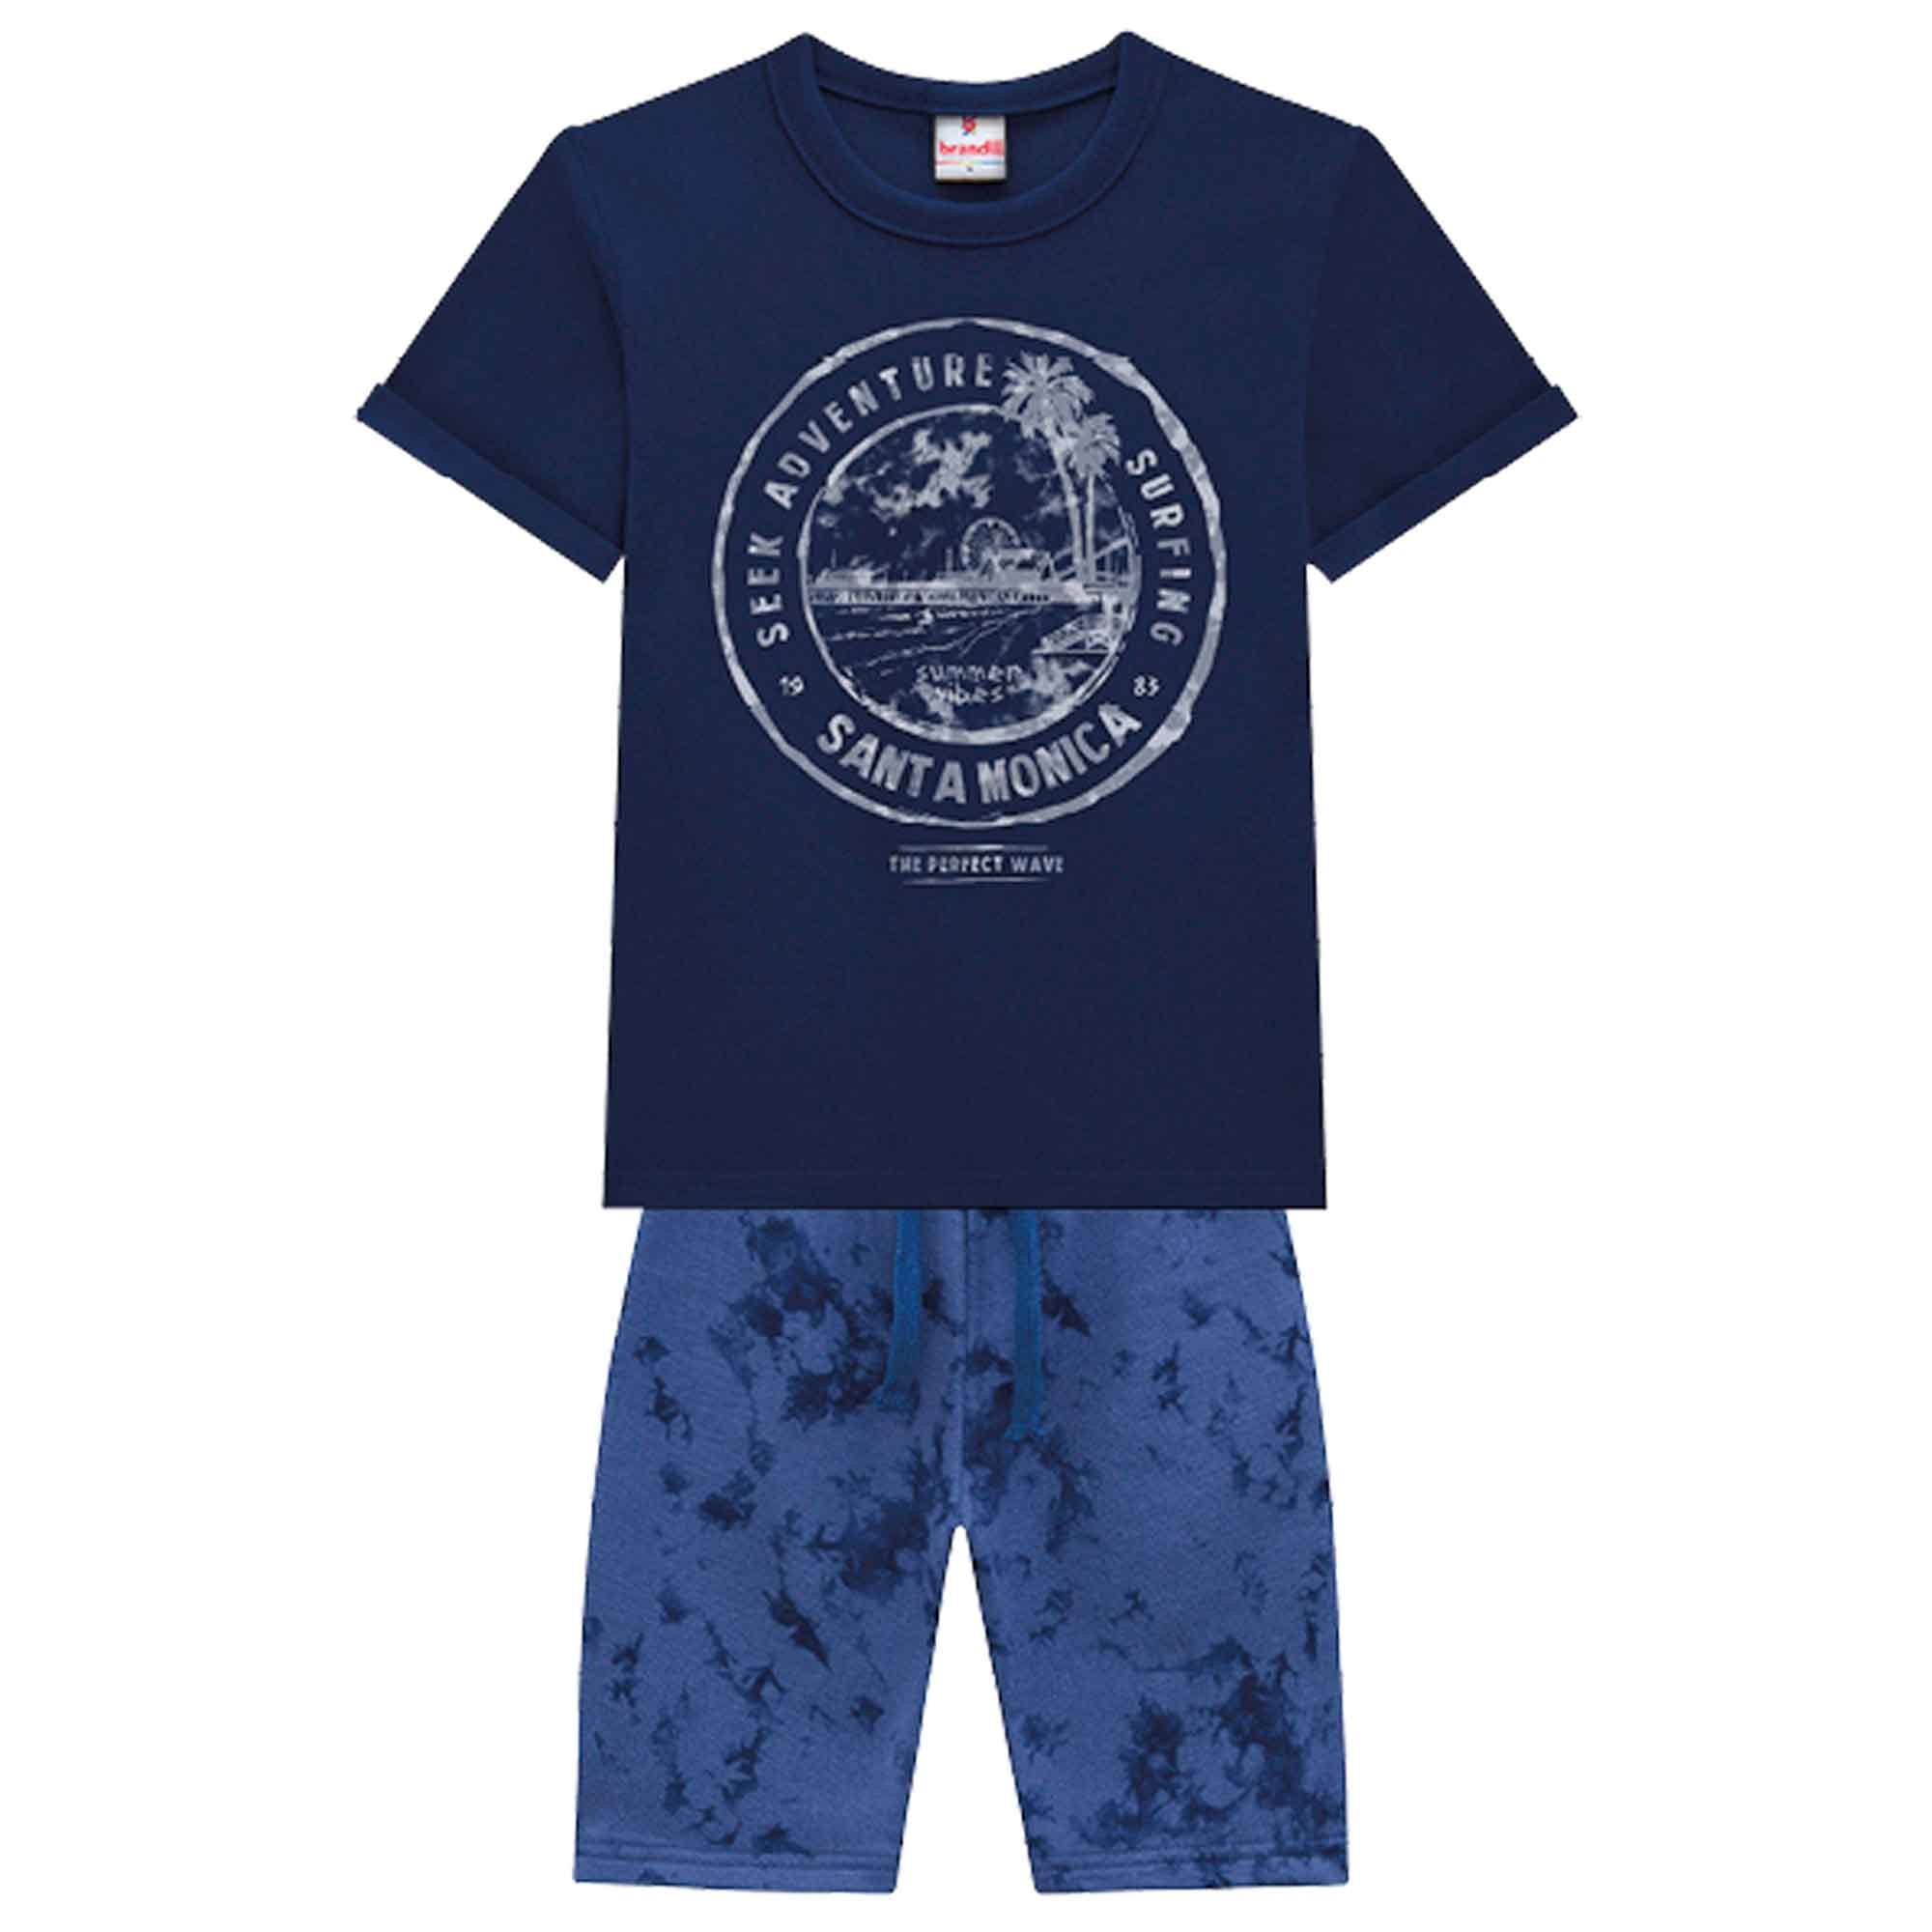 Conjunto Verão Brandili Camiseta Aventura com Bermuda Moletinho - 4 ao 10